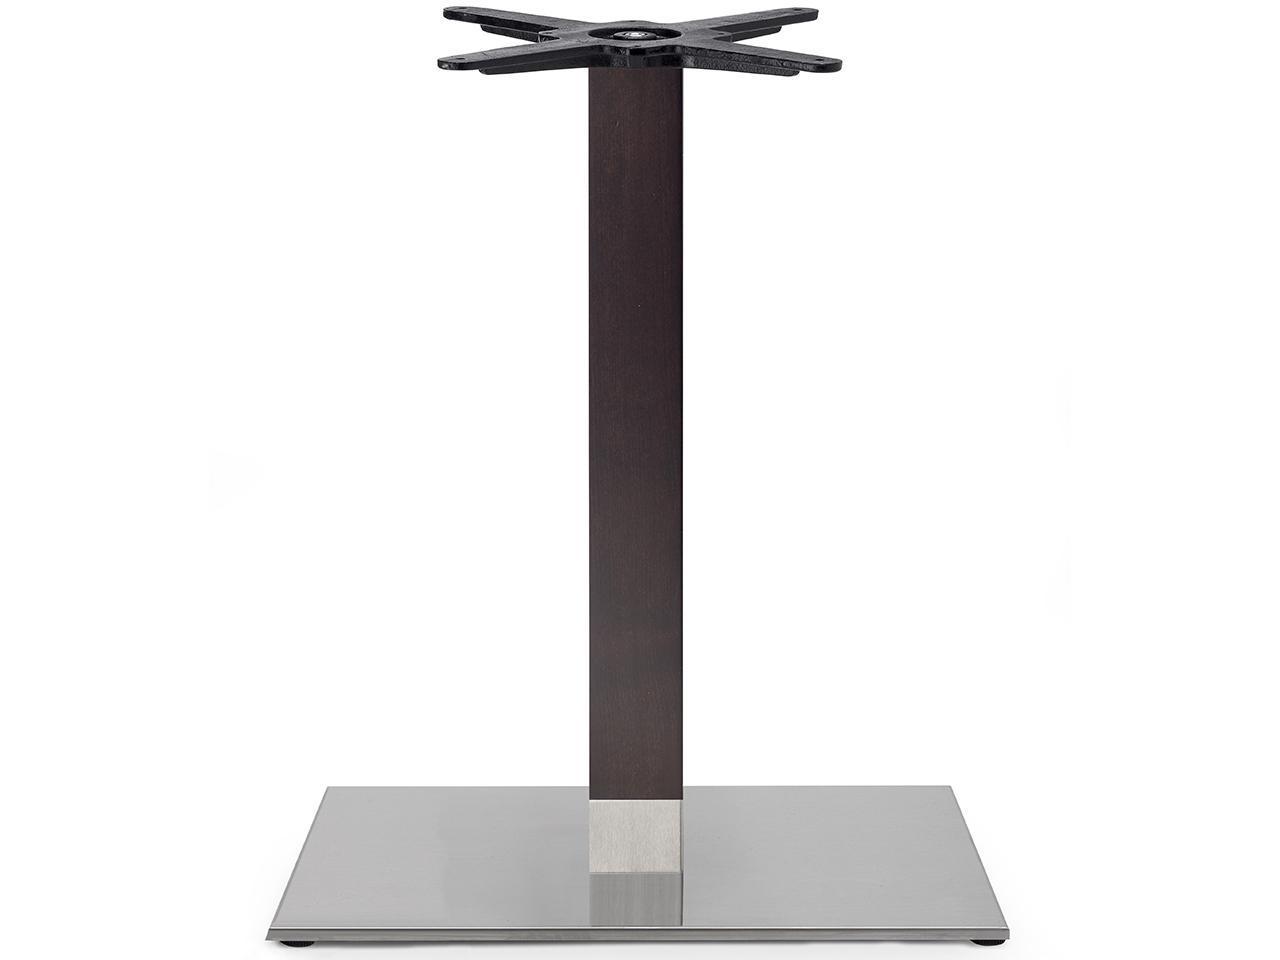 Подстолье деревянное Natural Tiffany base rectangular shaped